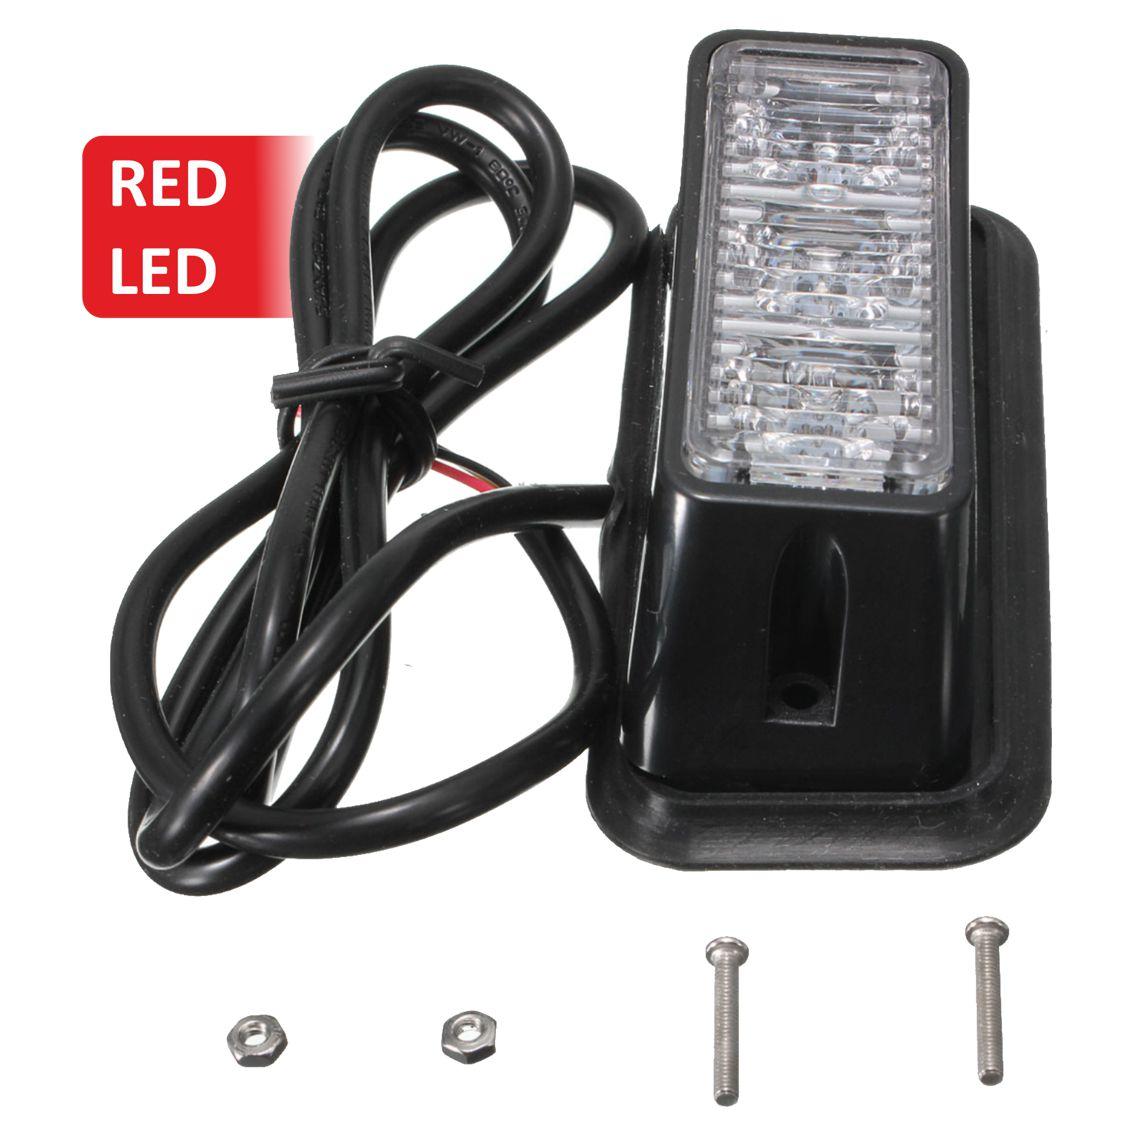 Strobe υψηλής φωτεινότητας με τρία POWER LED, GEN III, Κόκκινο χρώμα - UNBRANDED 11447